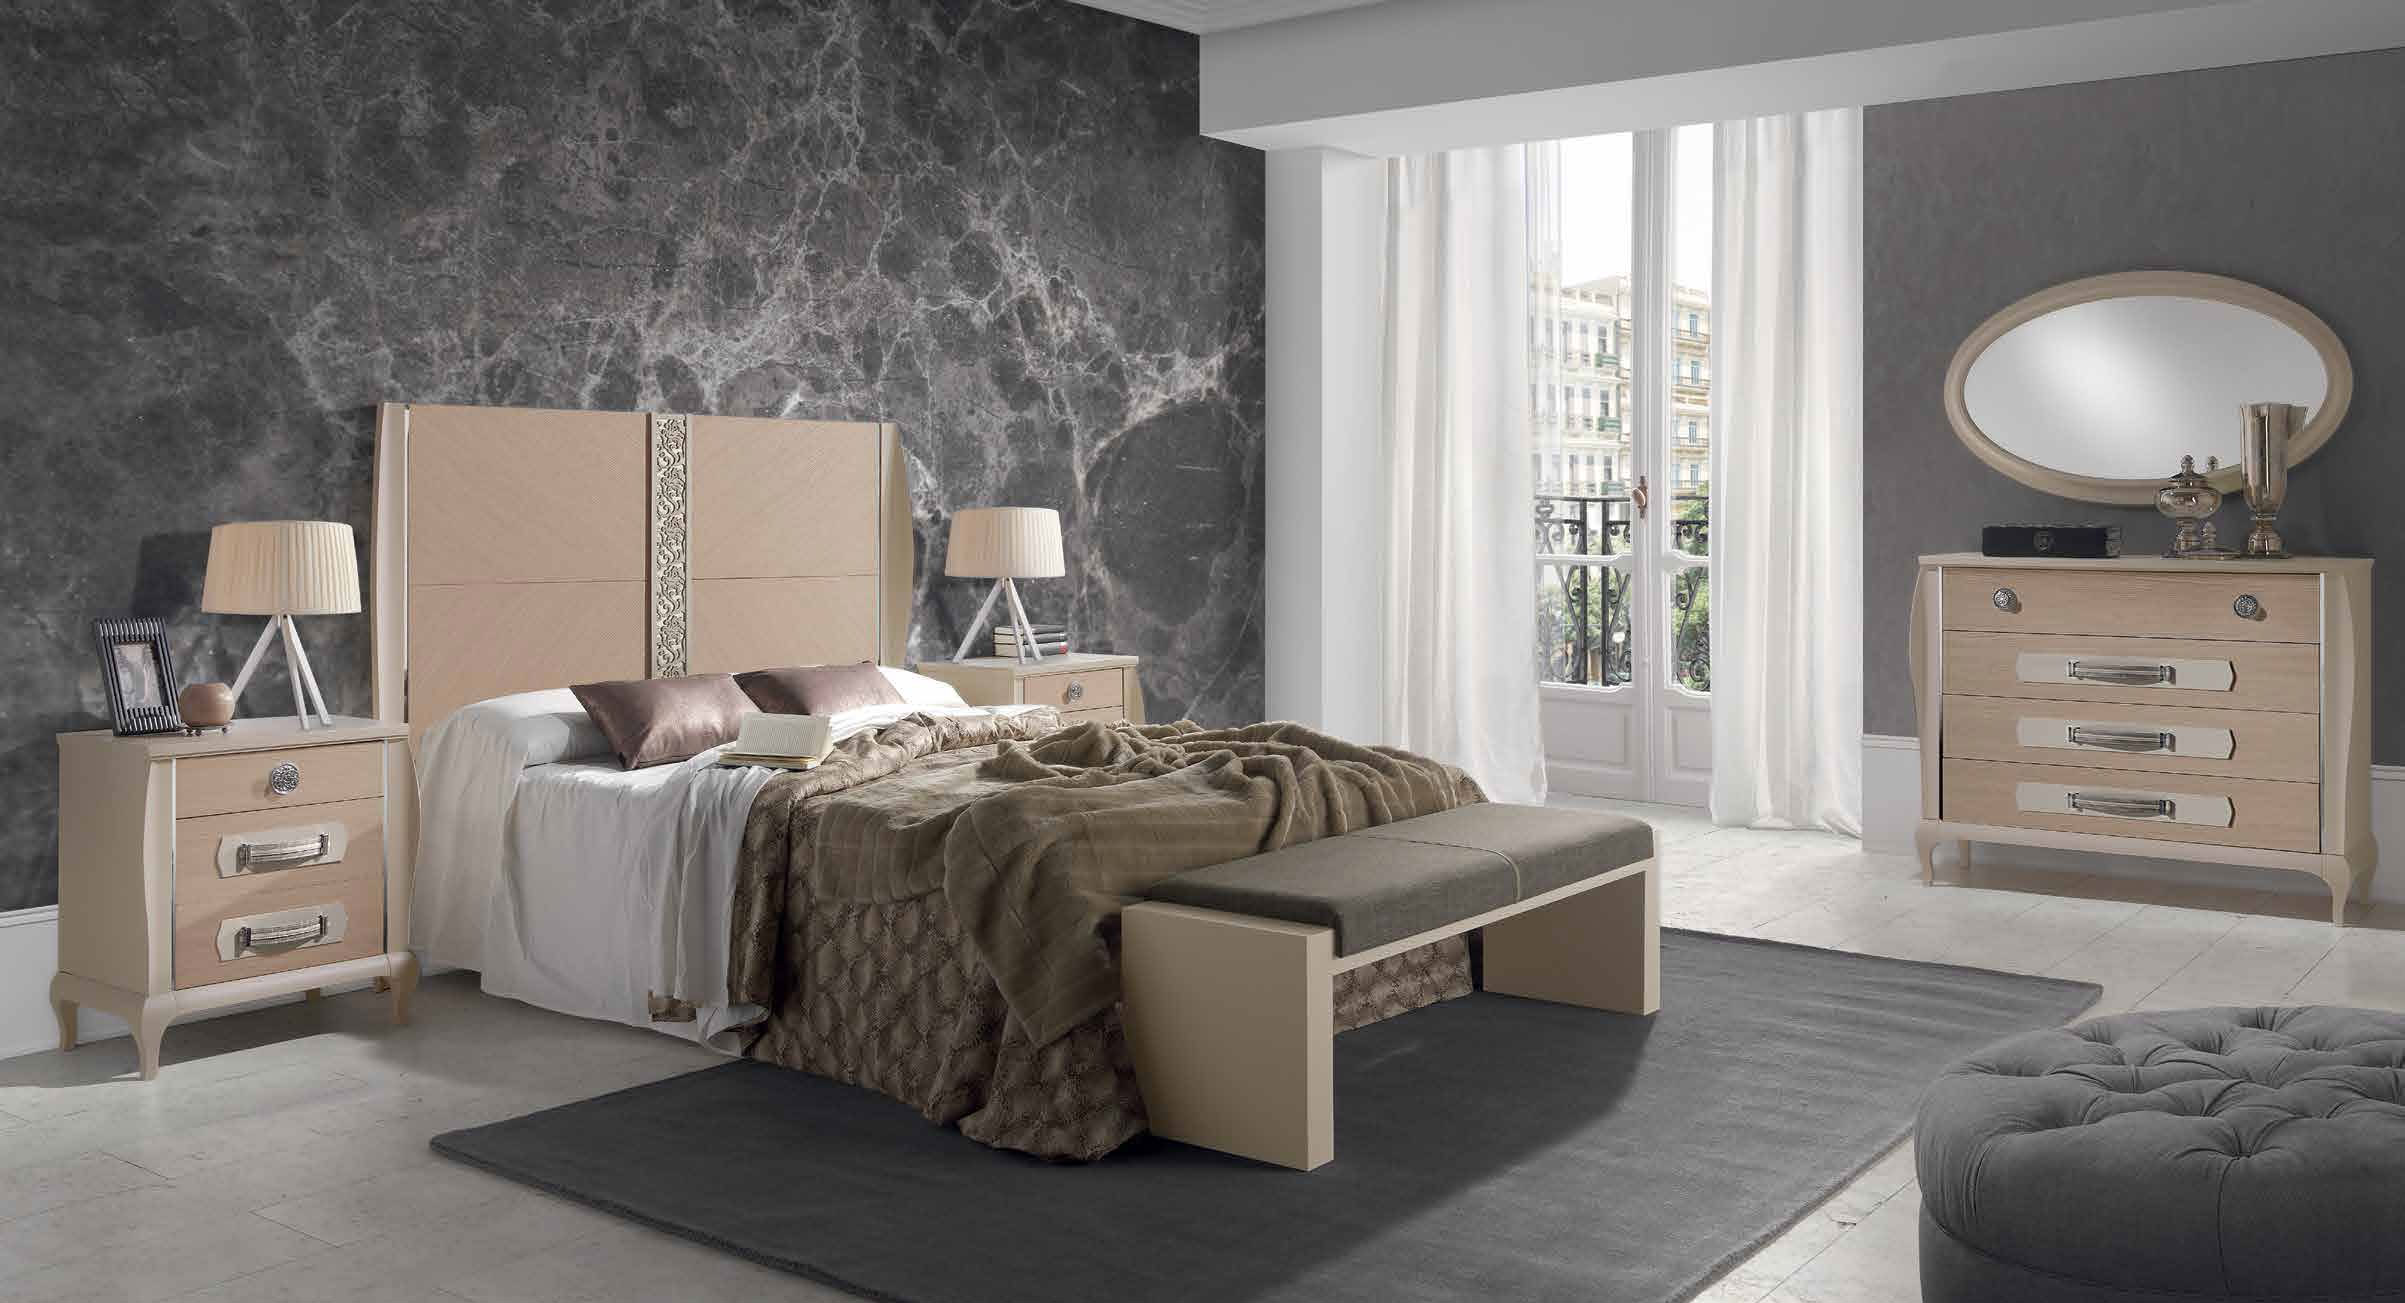 queen-collection-dormitorio-icaro-09